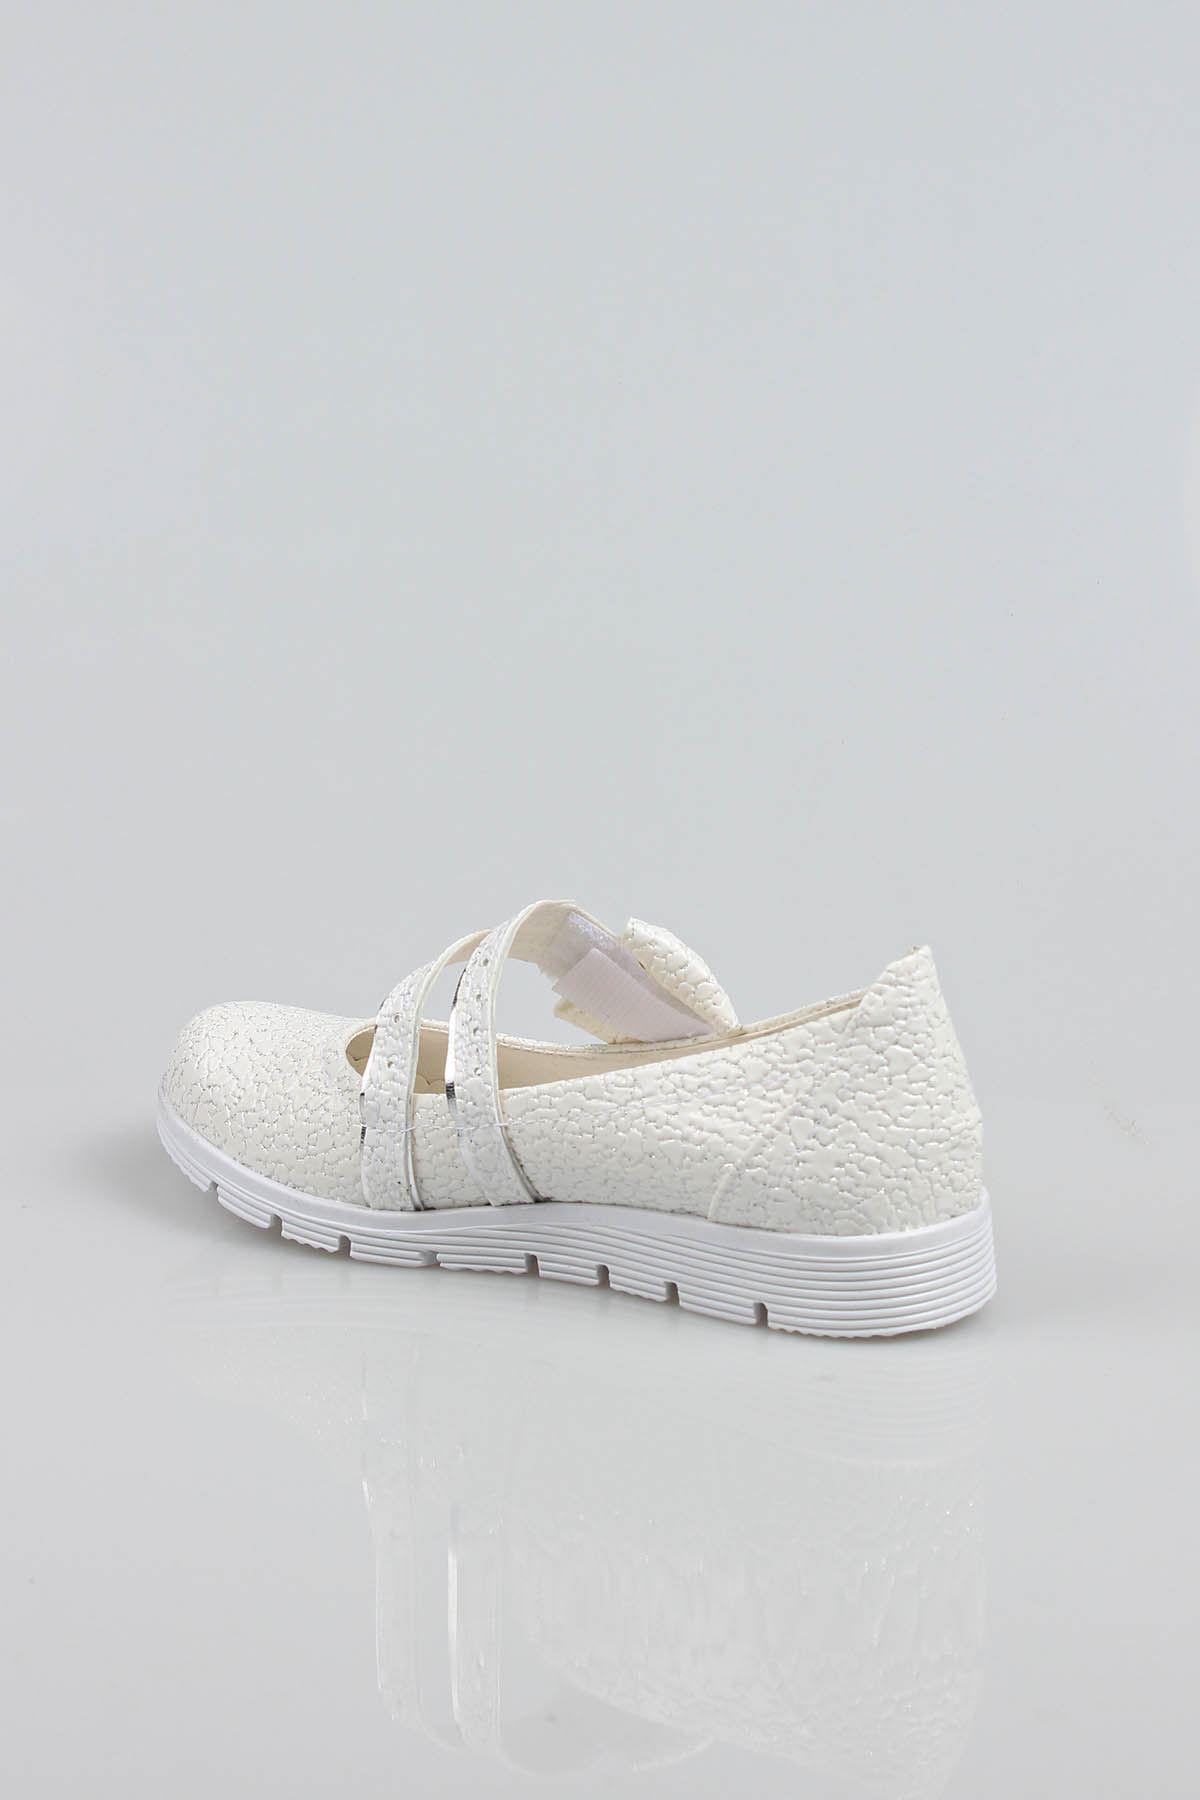 Termo Taban Çatallı Fiyonklu Çatlak Deri Kız Çocuk Ayakkabı